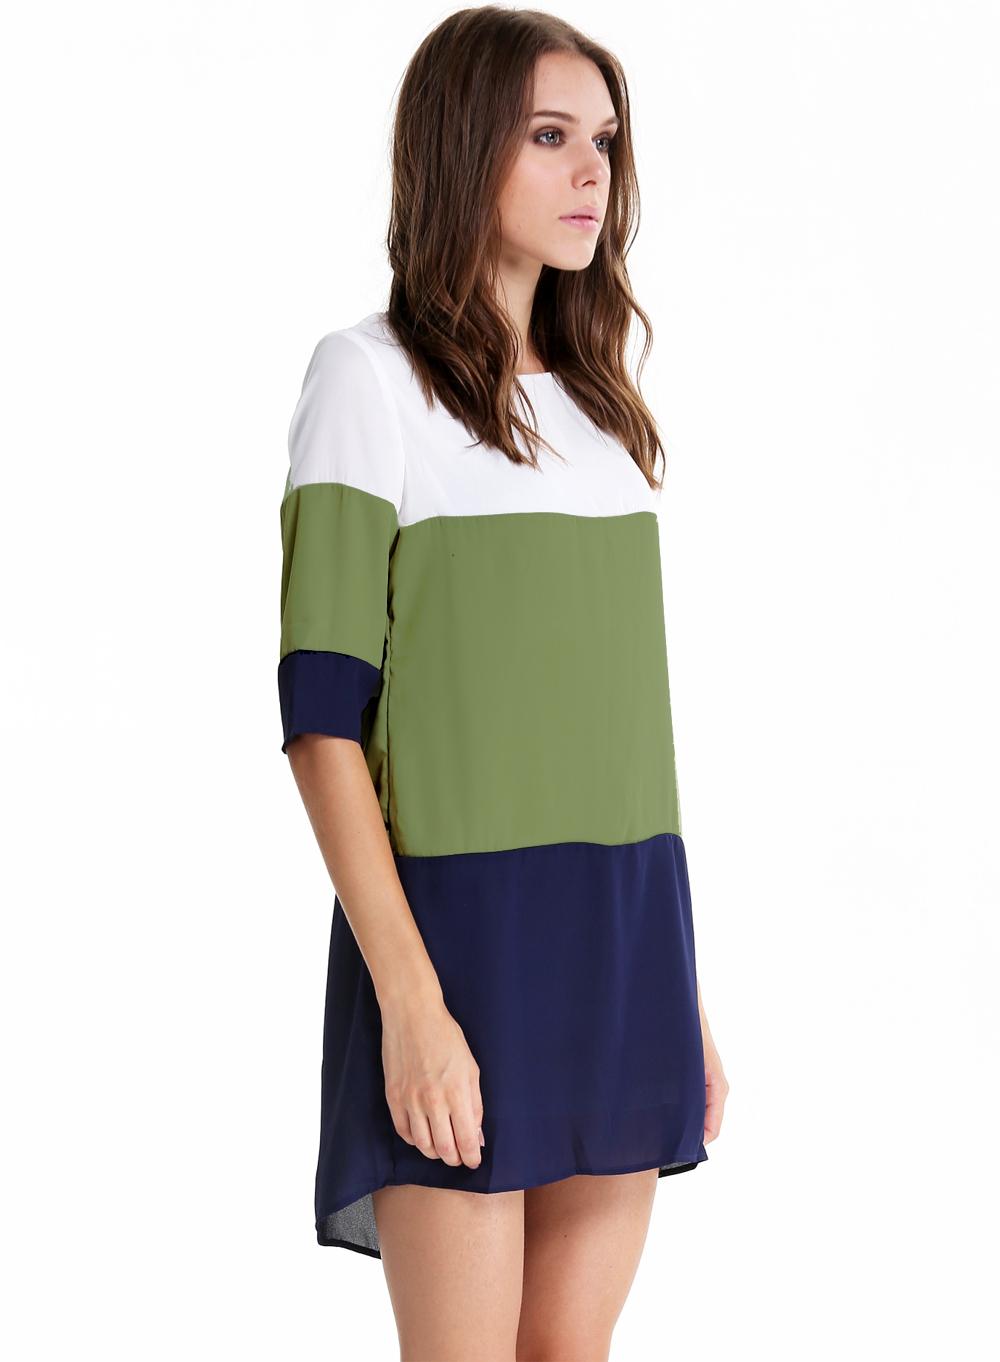 Vestido blanco verde y azul